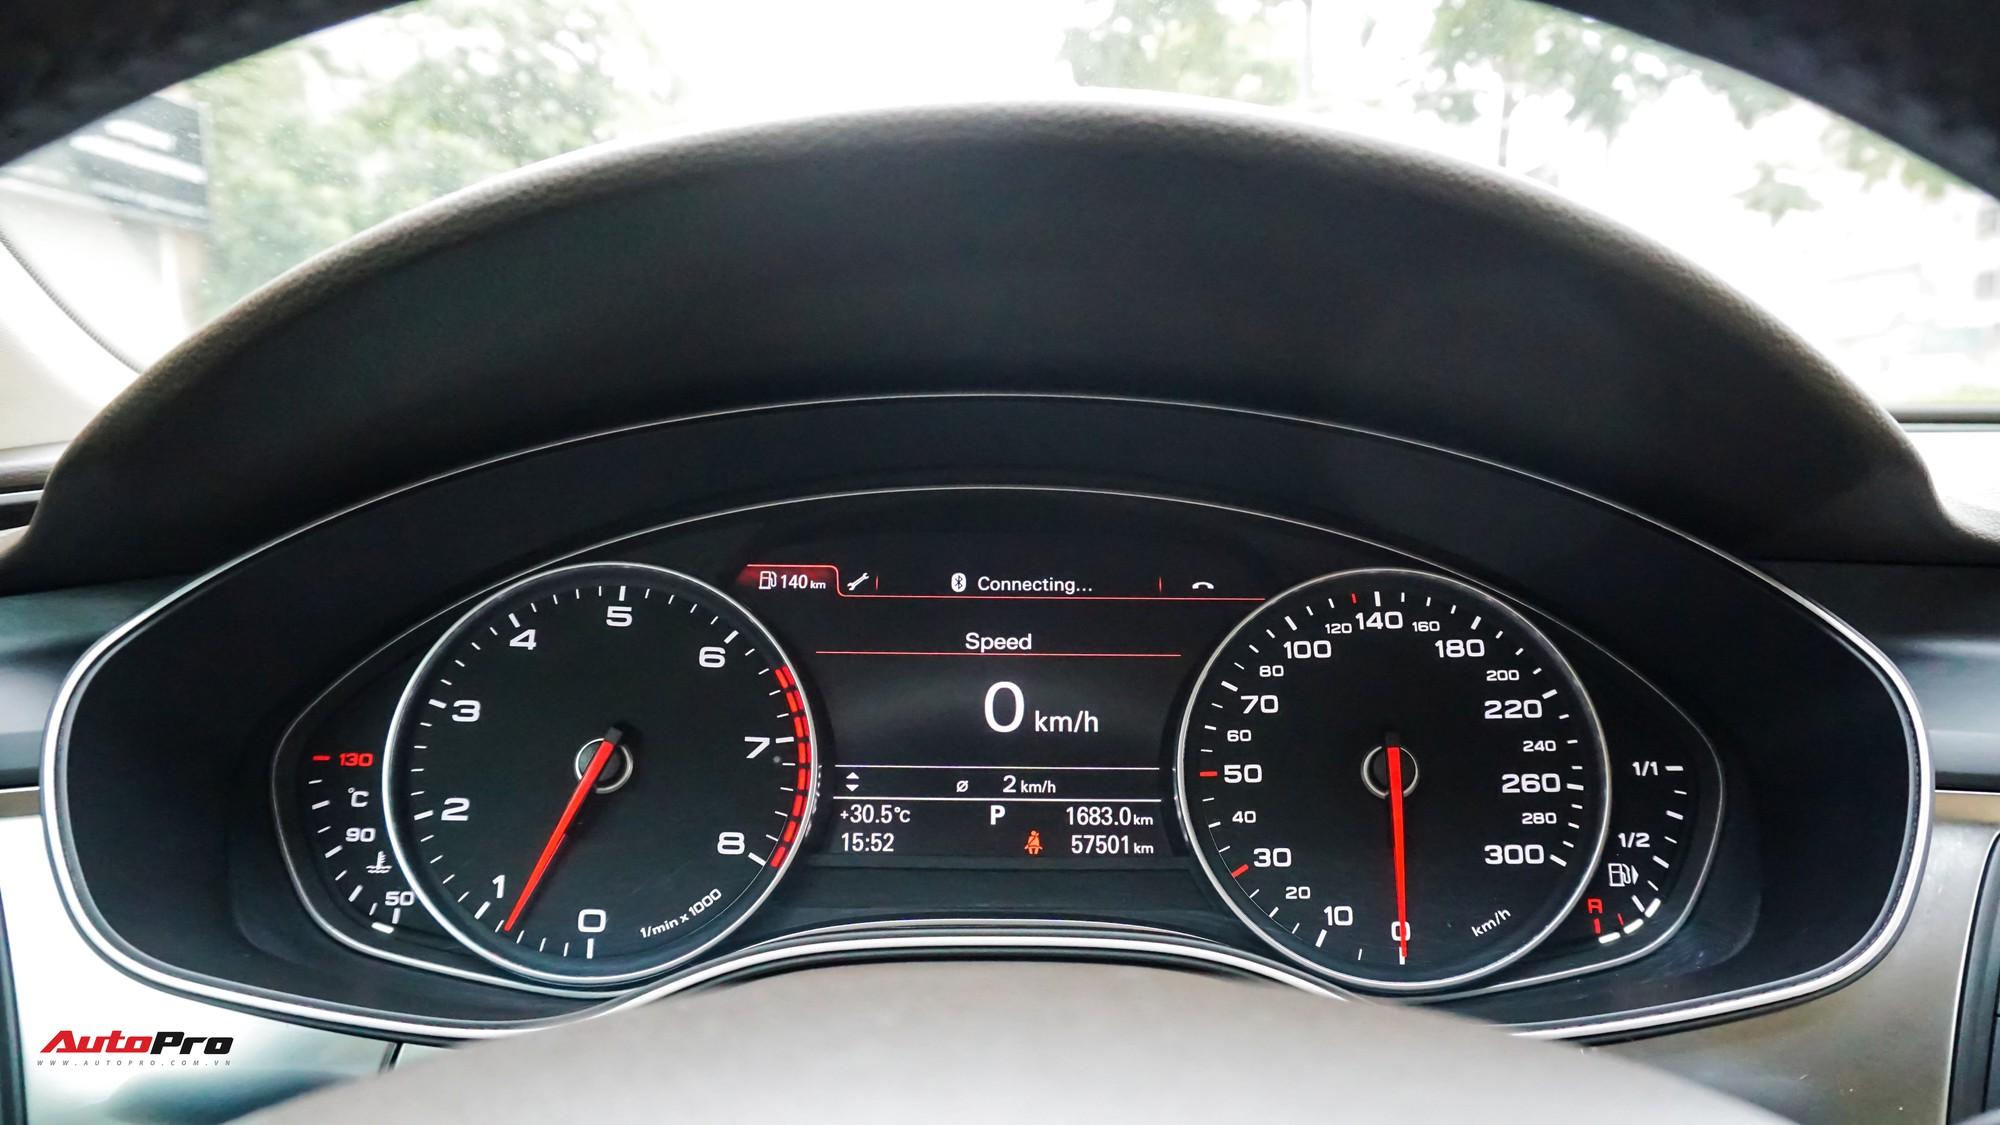 Audi A7 Sportback 7 năm tuổi bán lại 1,5 tỷ đồng tại Hà Nội - Ảnh 8.